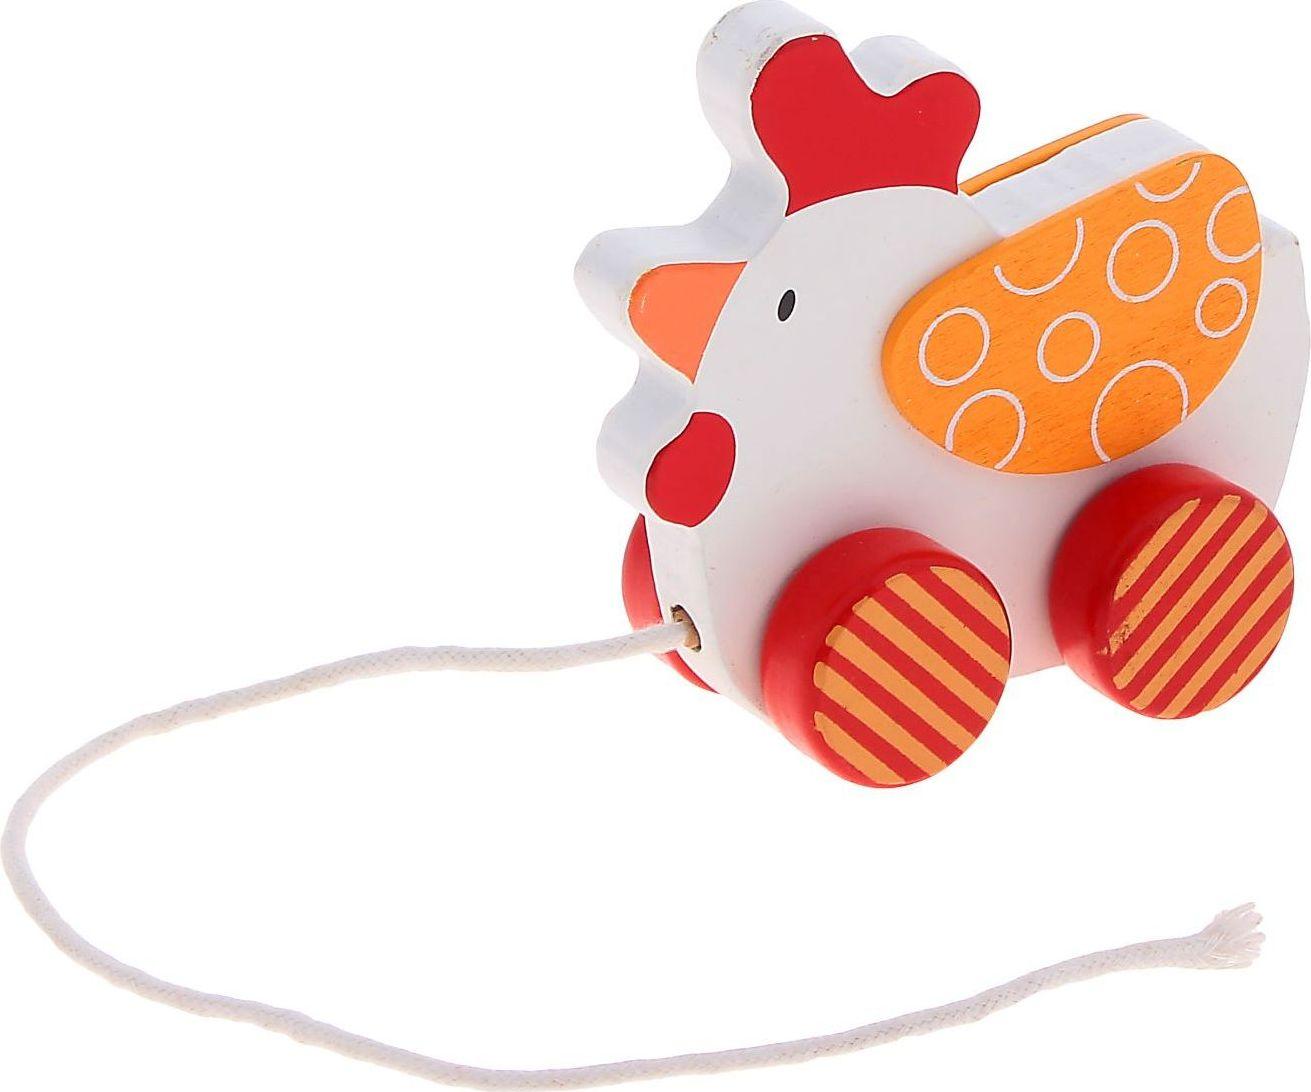 Sima-land Игрушка-каталка Петушок sima land мягкая игрушка глазастый петушок в шарфе и с бантиком